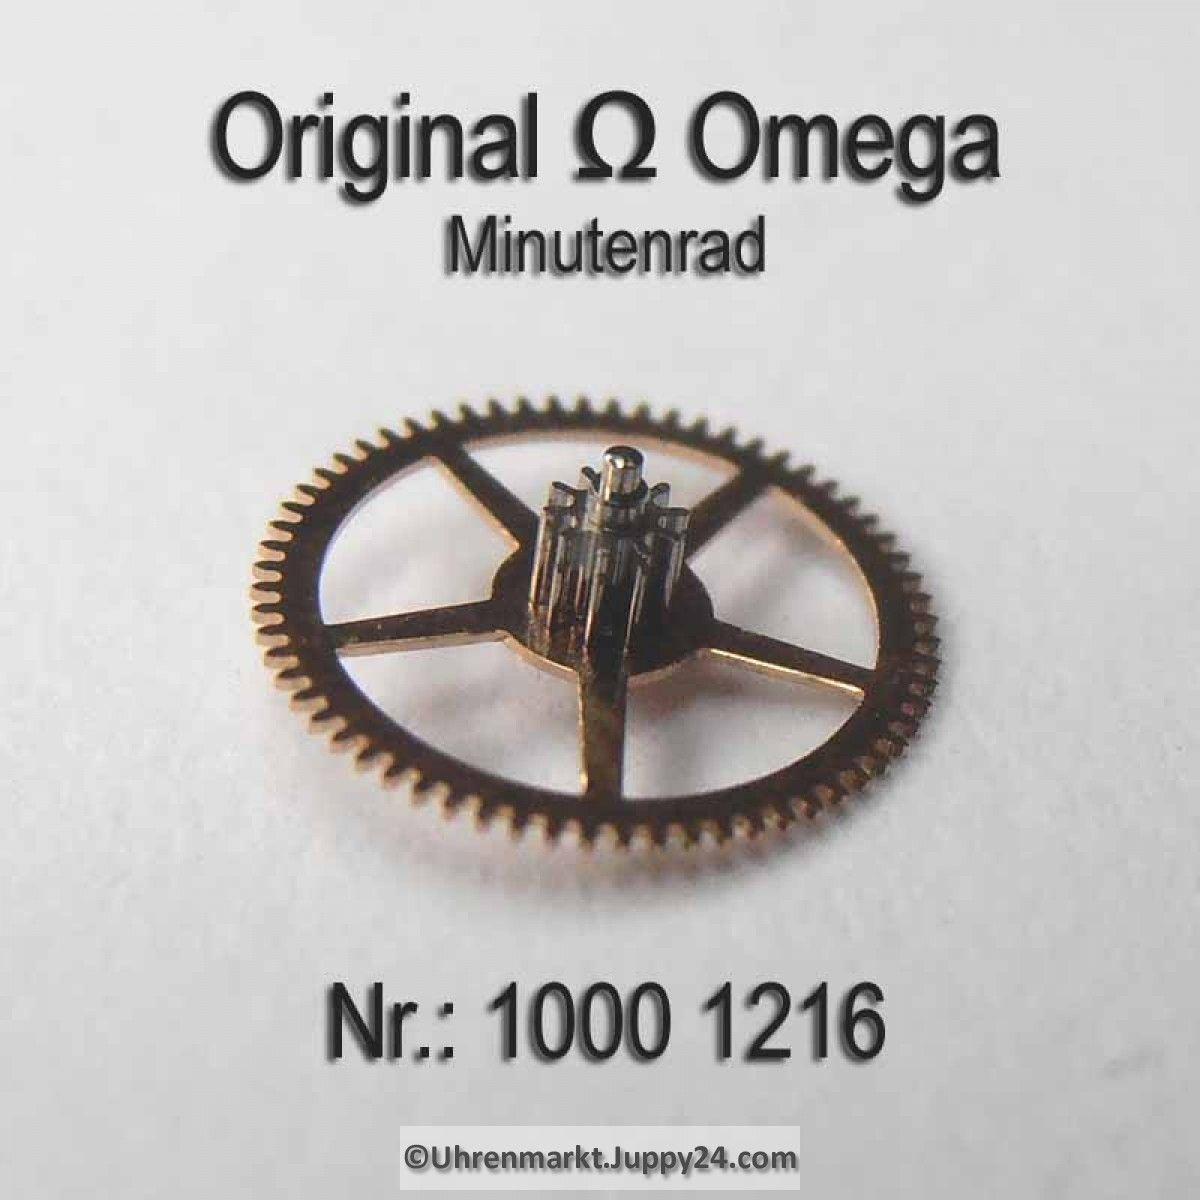 Omega Minutenrad Part Nr Omega 1000 1216 Cal 1000 1001 1002 Omega Omega Omega Uhr Ersatzteile